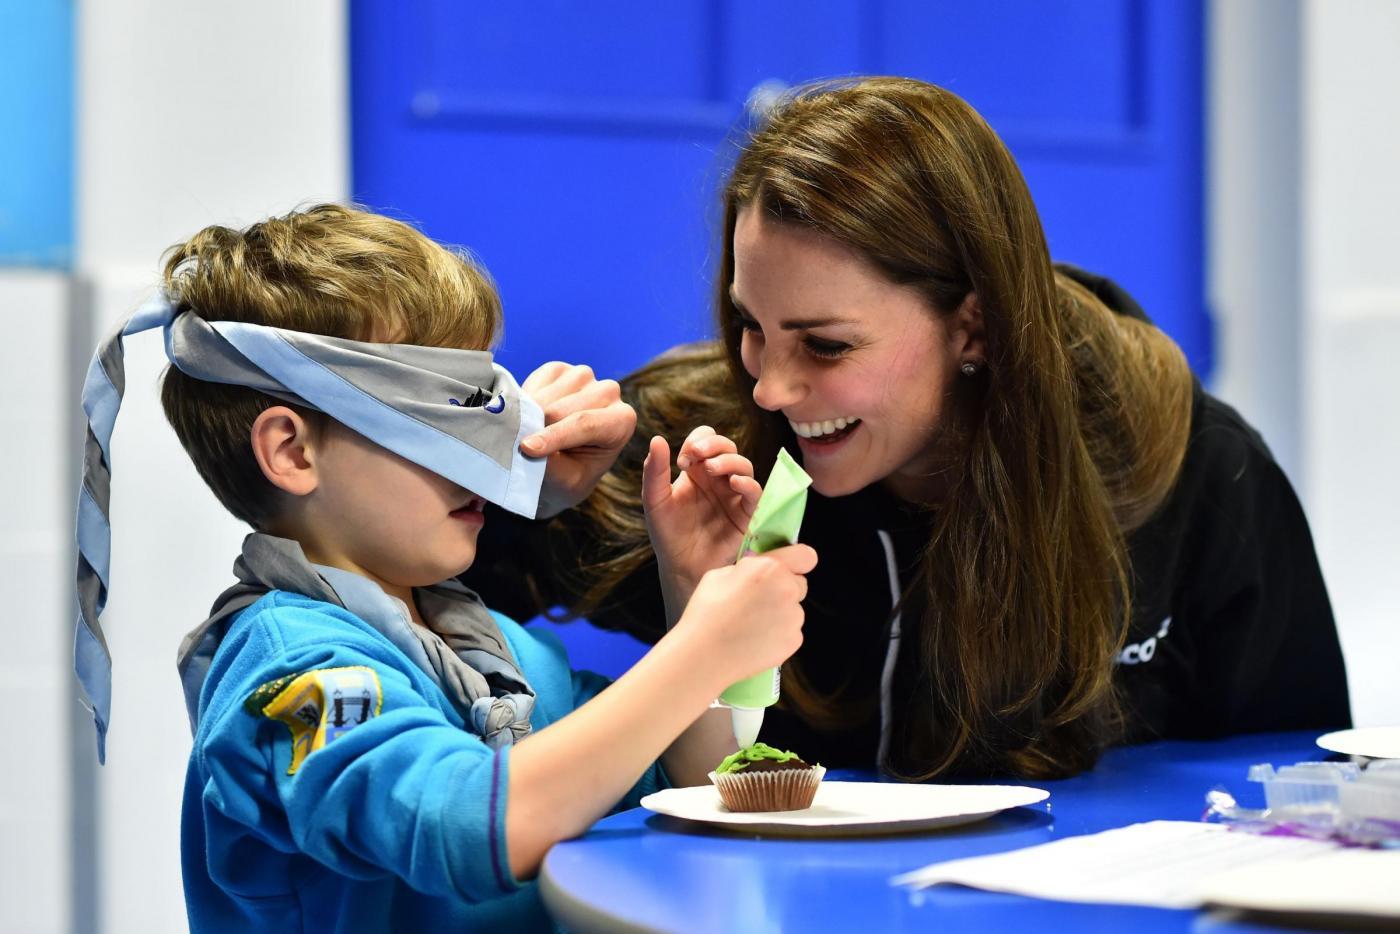 Kate Middleton gioca con i boy scout: fazzolettone al collo e occhi bendati 10